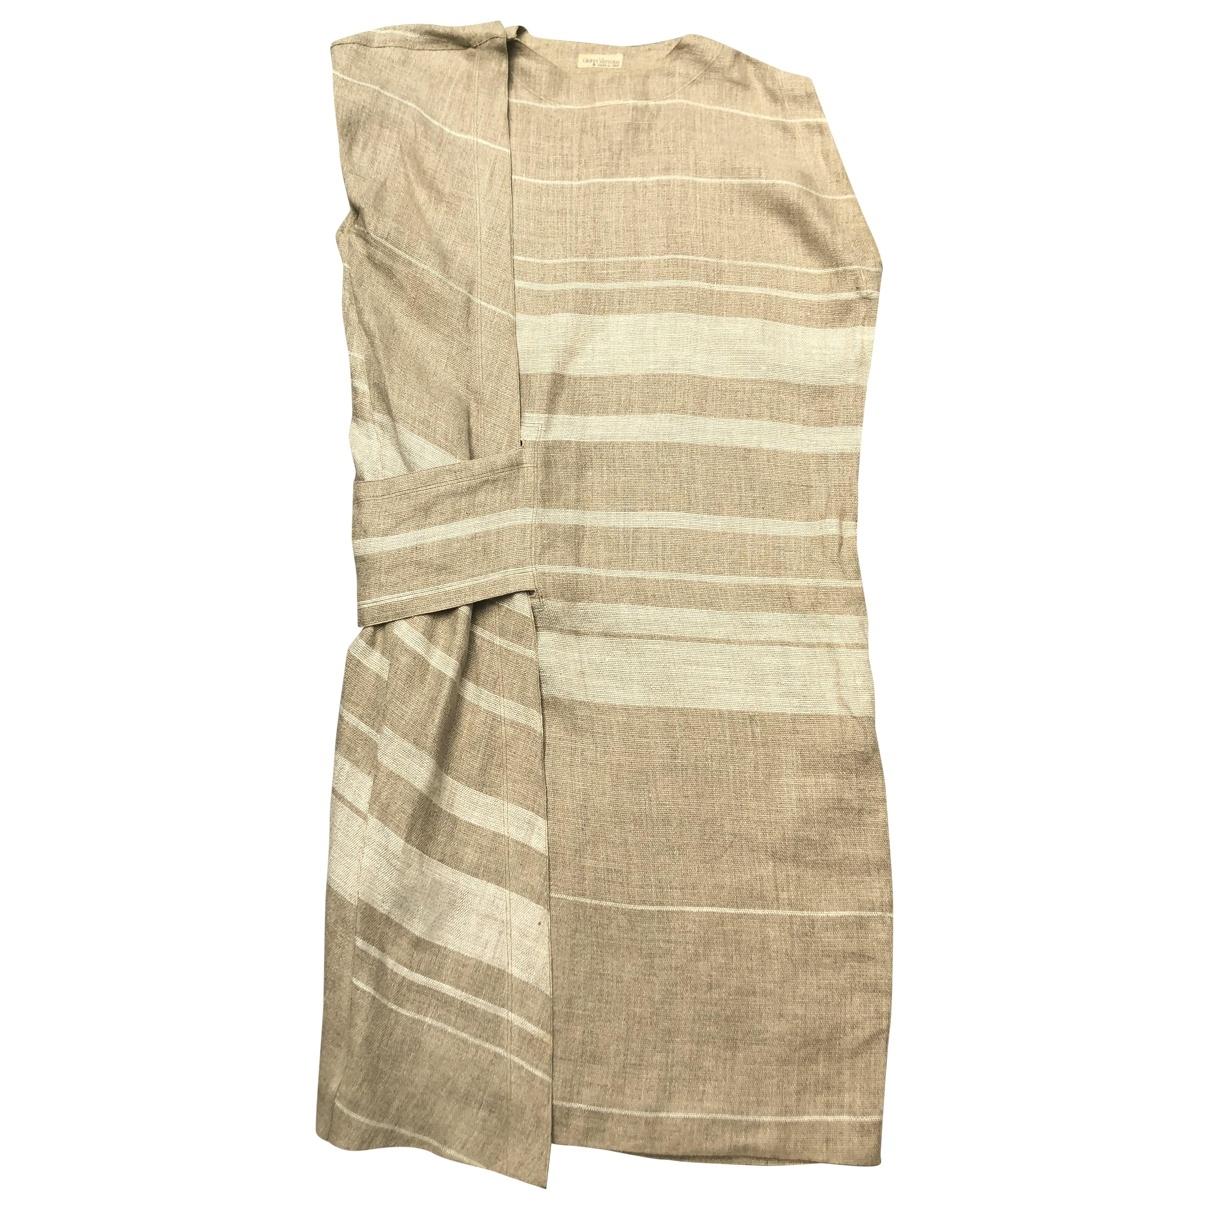 Gianni Versace \N Beige Linen dress for Women 40 IT